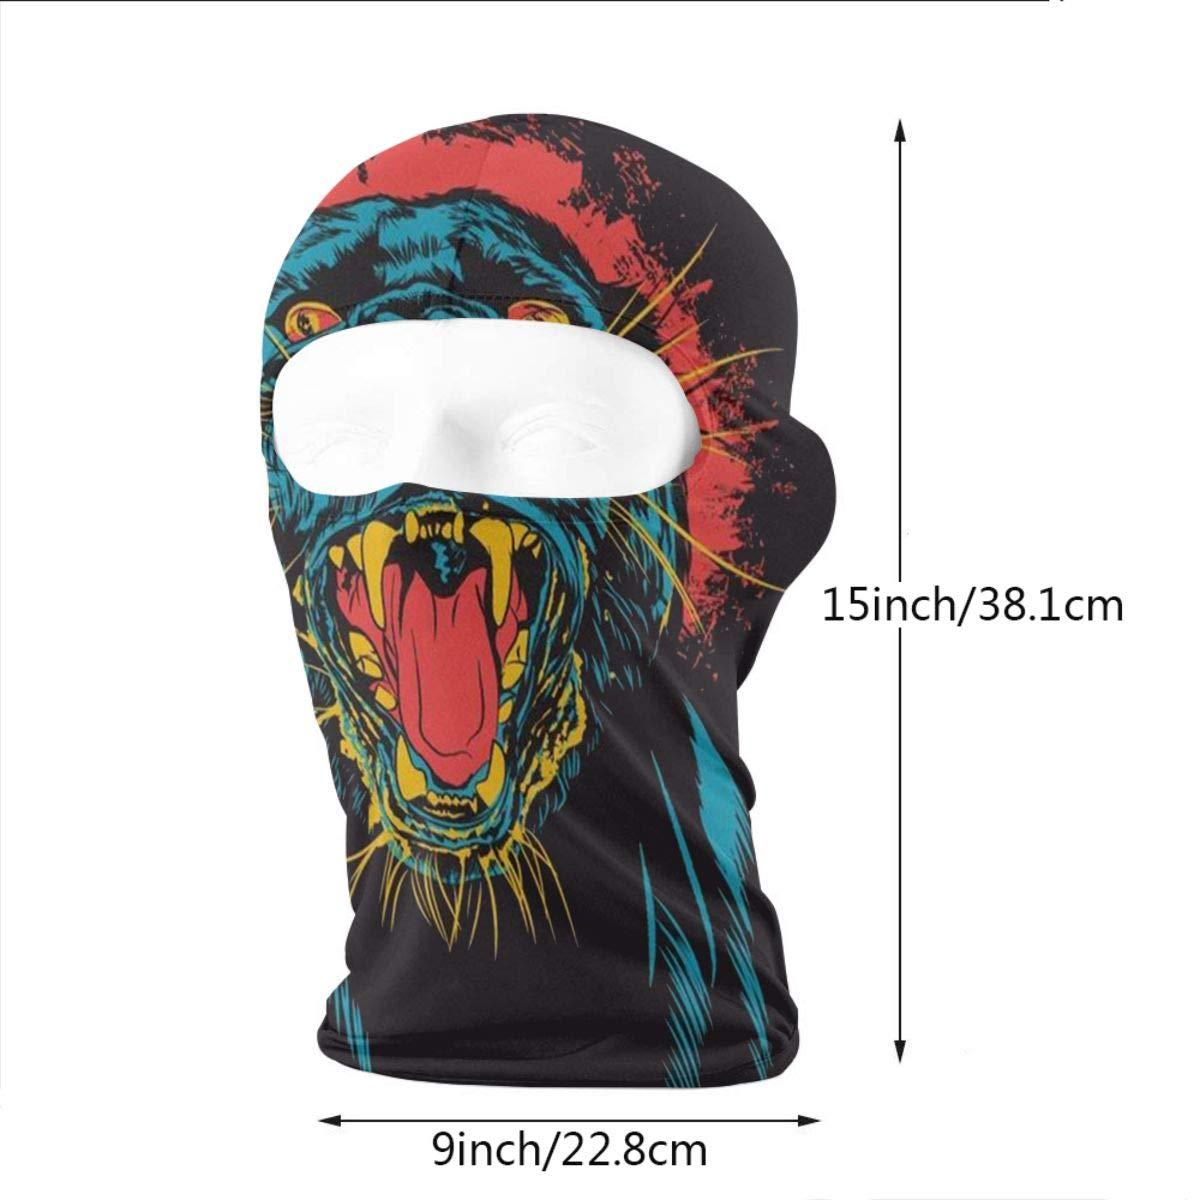 Gomop Ski Cap Tiger at Sunset Full Face Mask Wind-Resistant Face Mask